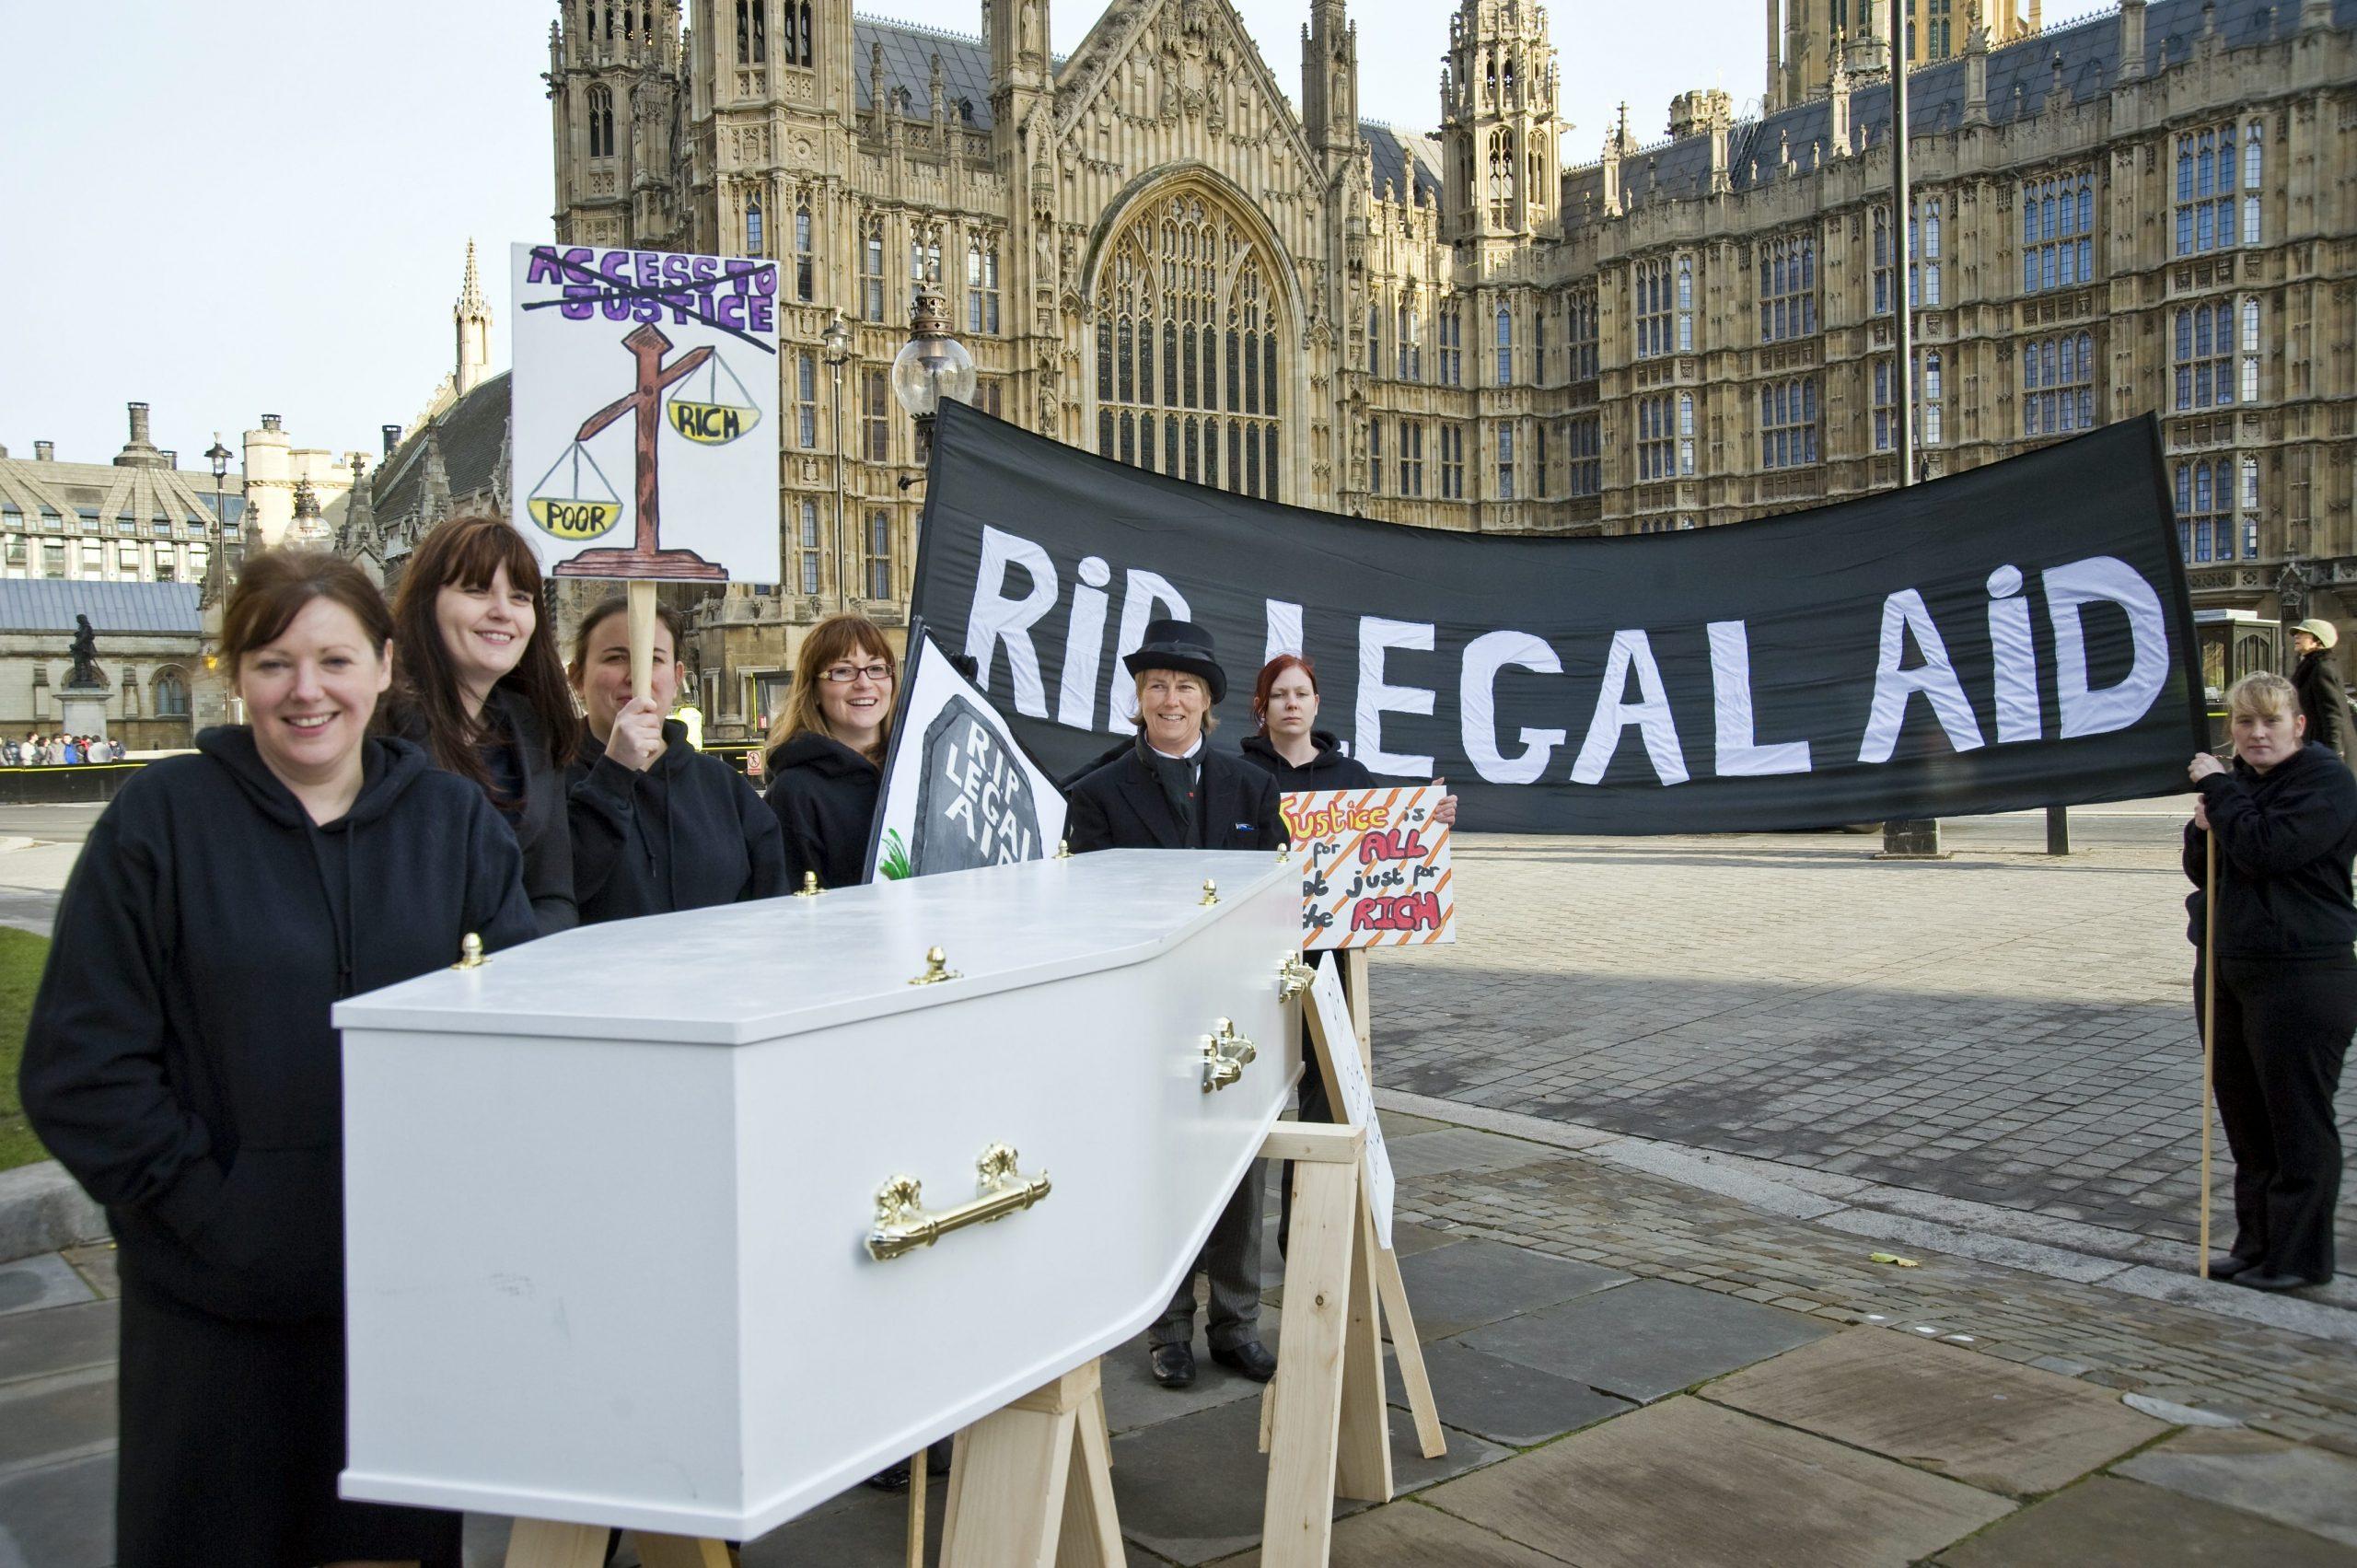 rip legal aid